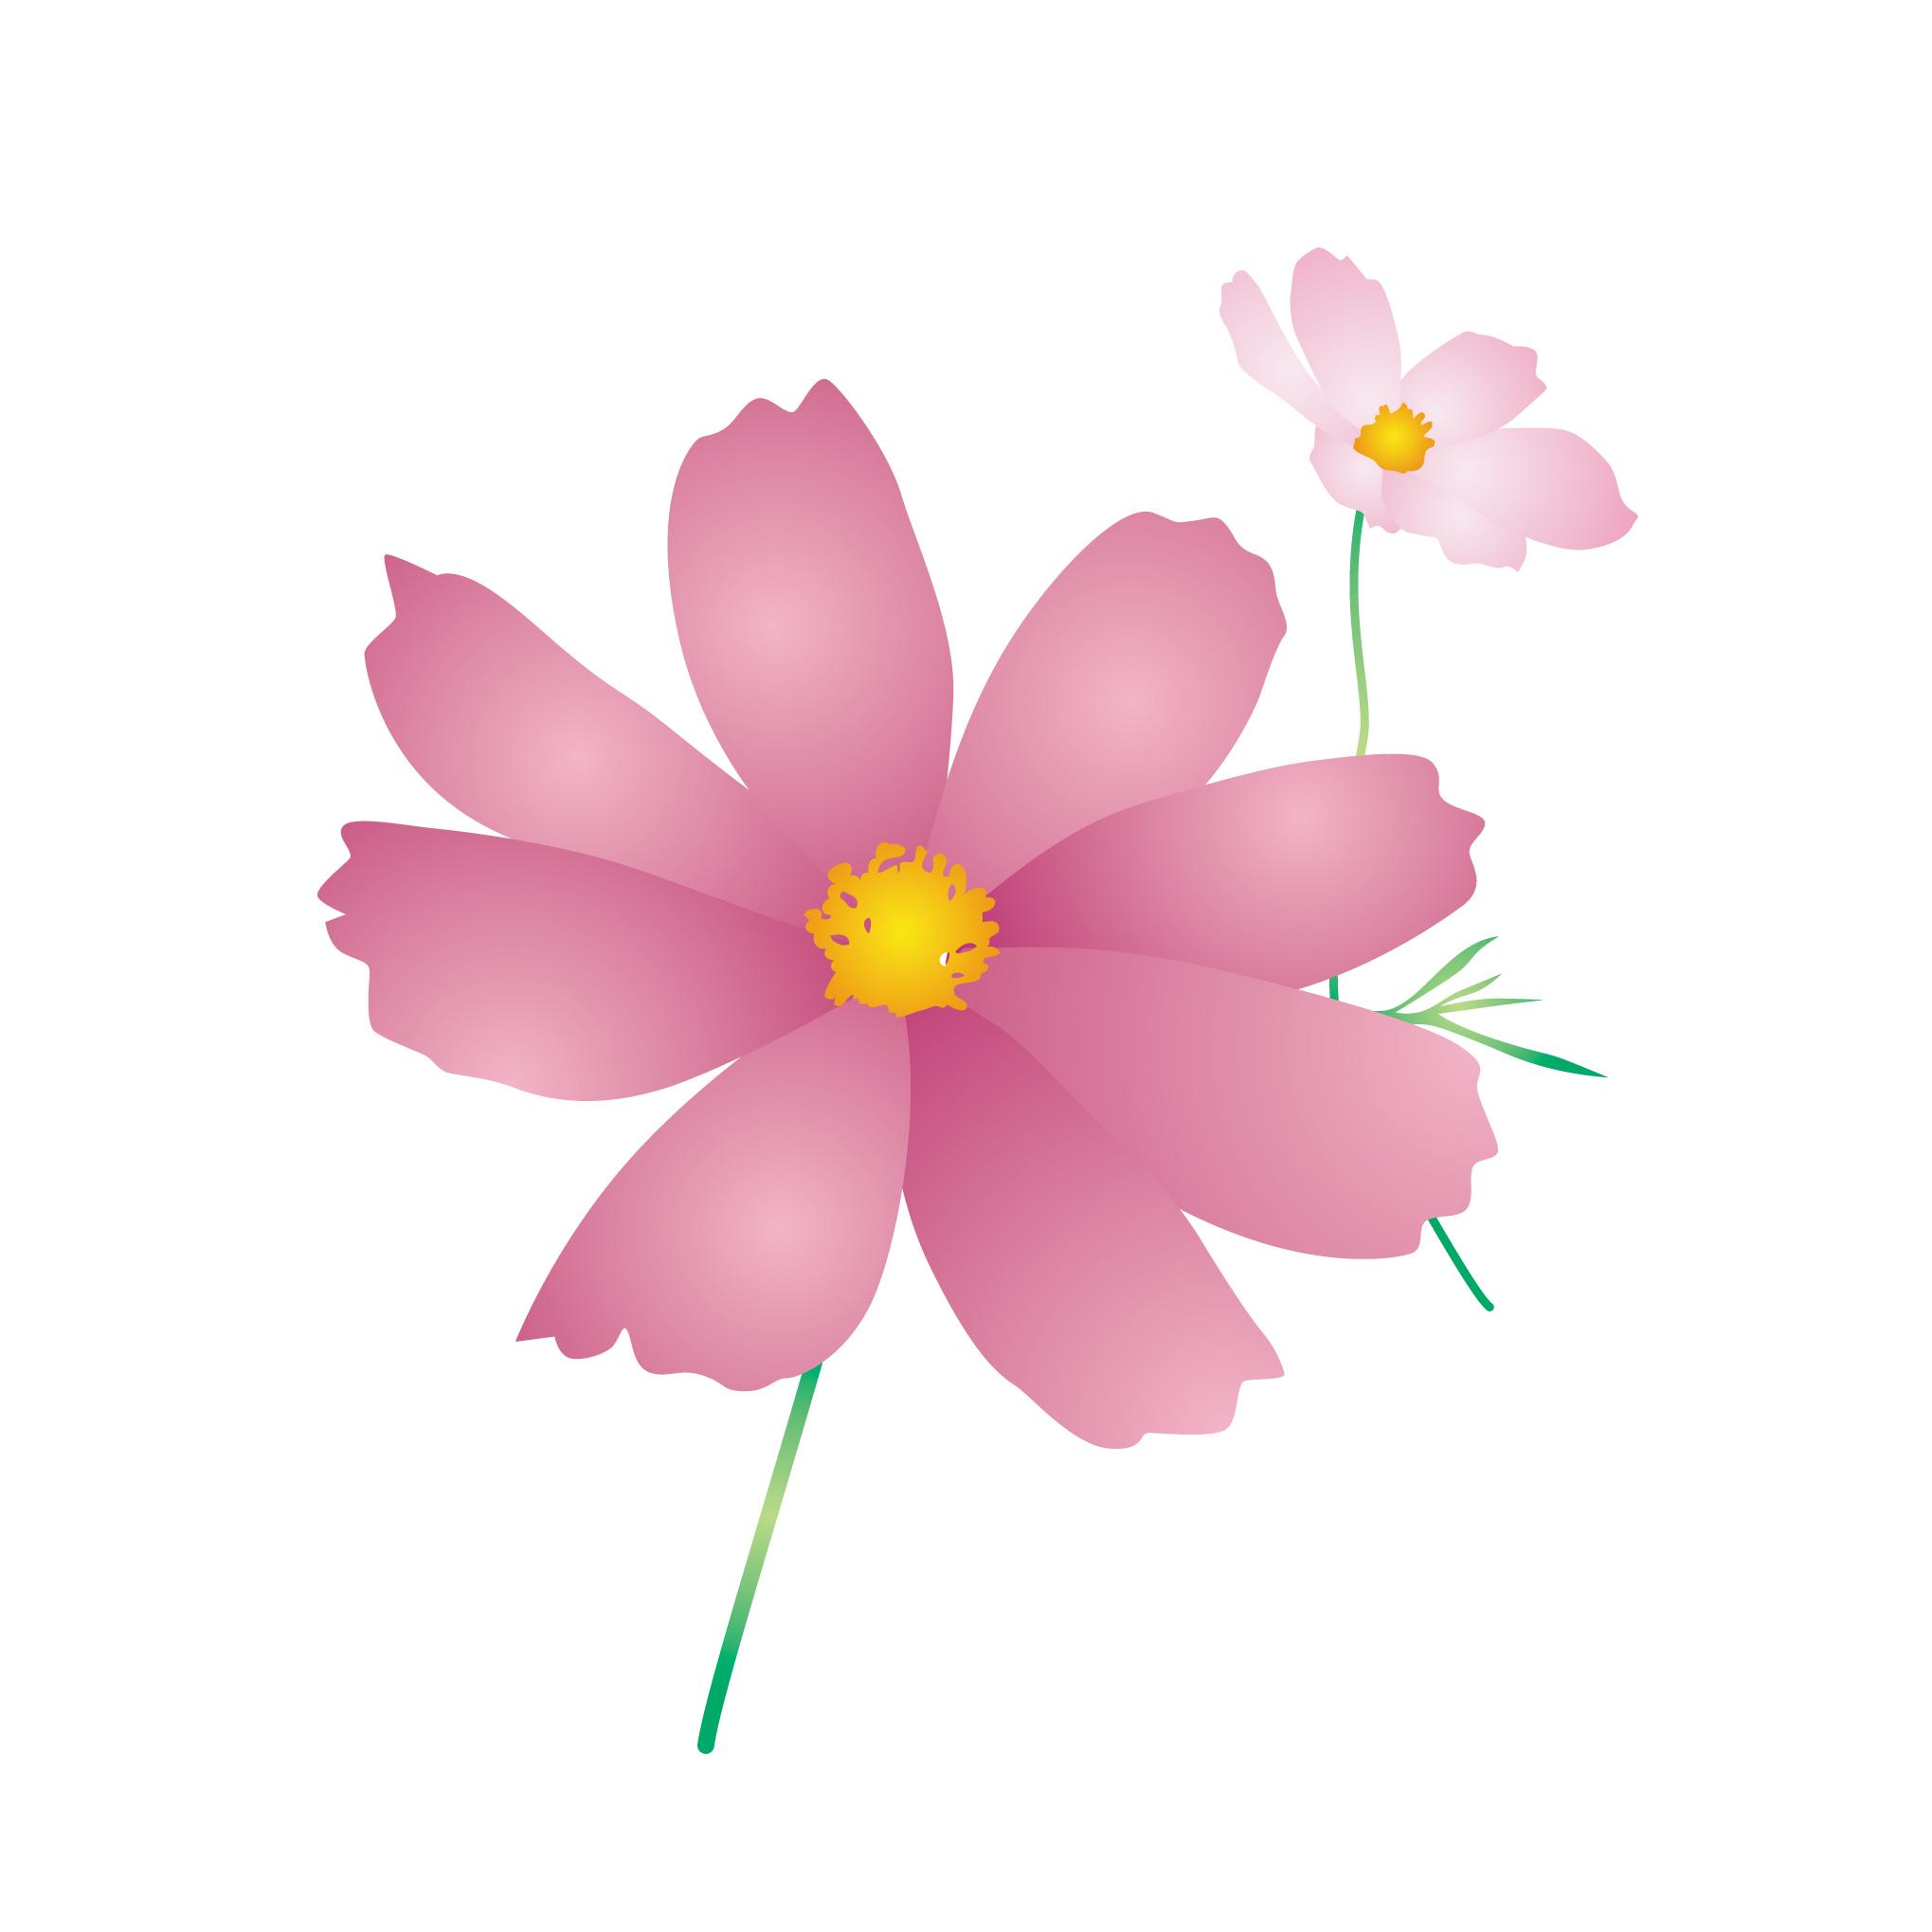 花のイラスト 無料 秋の花